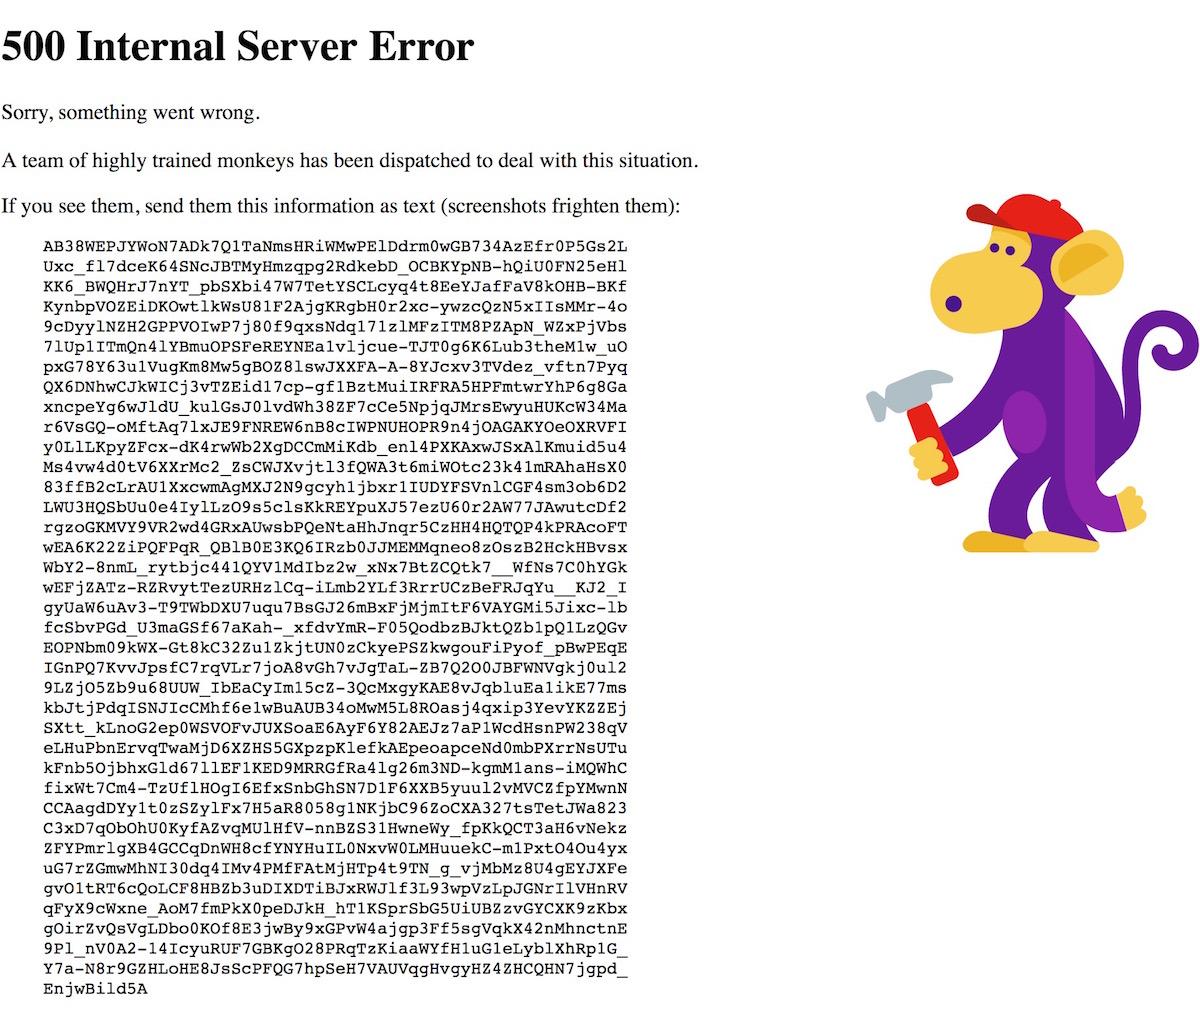 YouTube zeigt eine Fehlermeldung und scheint down zu sein